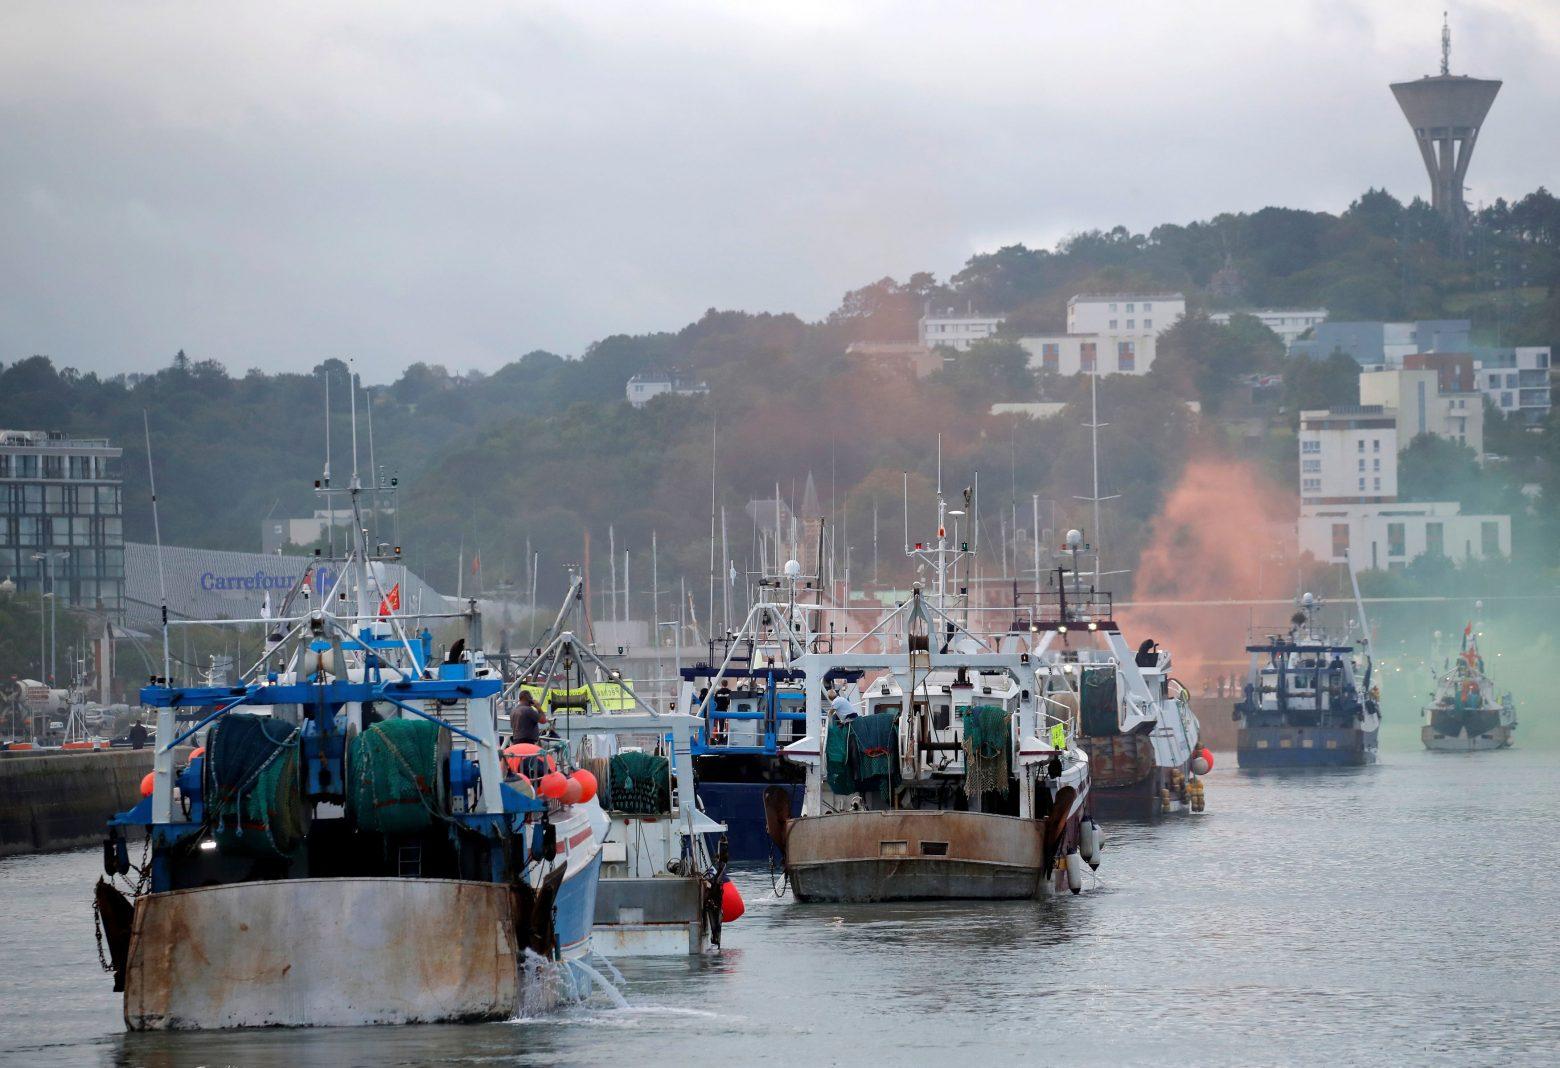 Πυρ και μανία οι Βρετανοί με τους Γάλλους ψαράδες - Απειλούν να βγάλουν έξω τον Στόλο